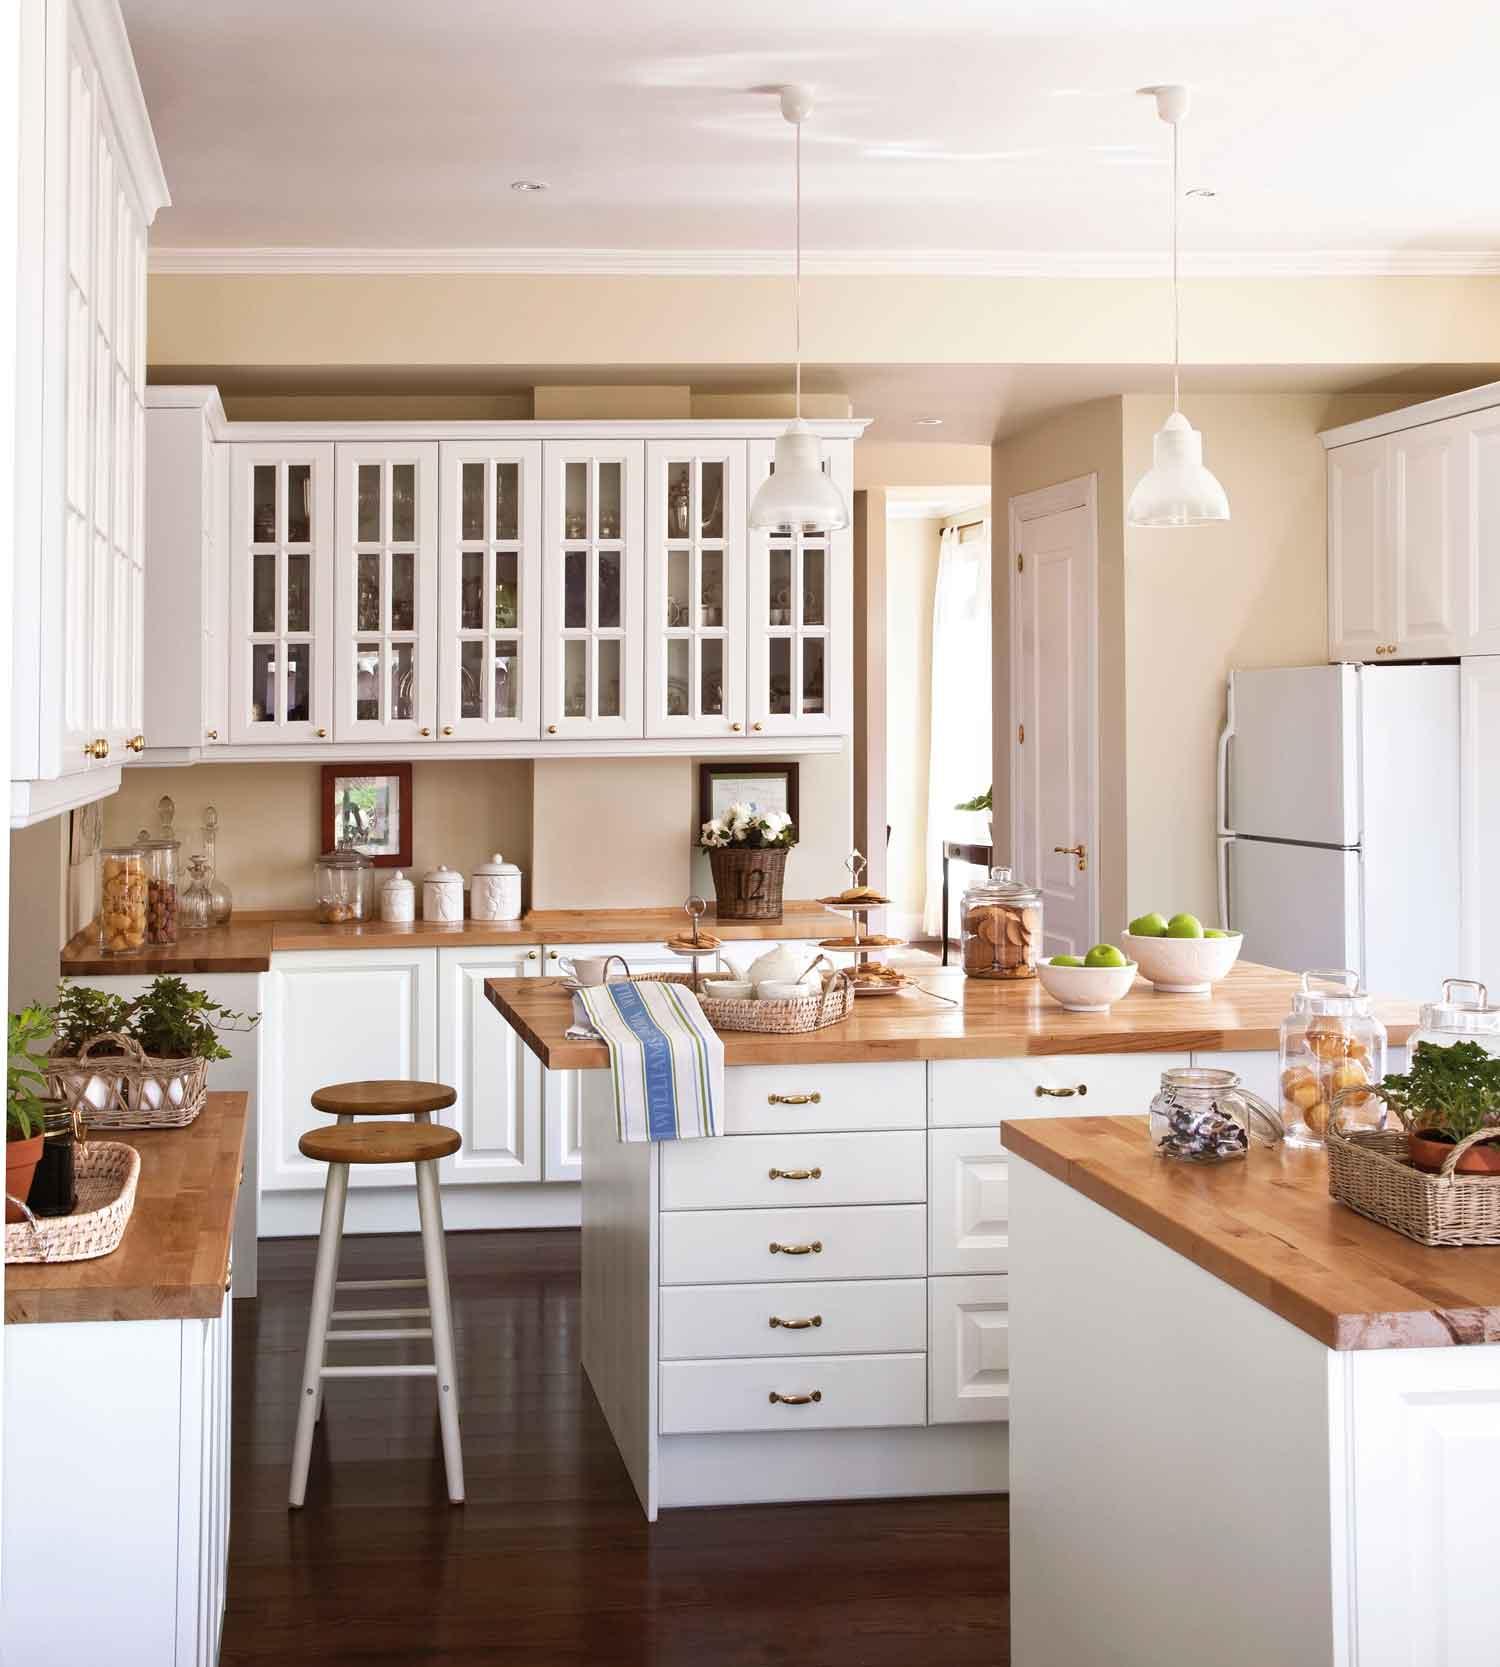 2147 fotos de cocinas - Encimera de madera para cocina ...